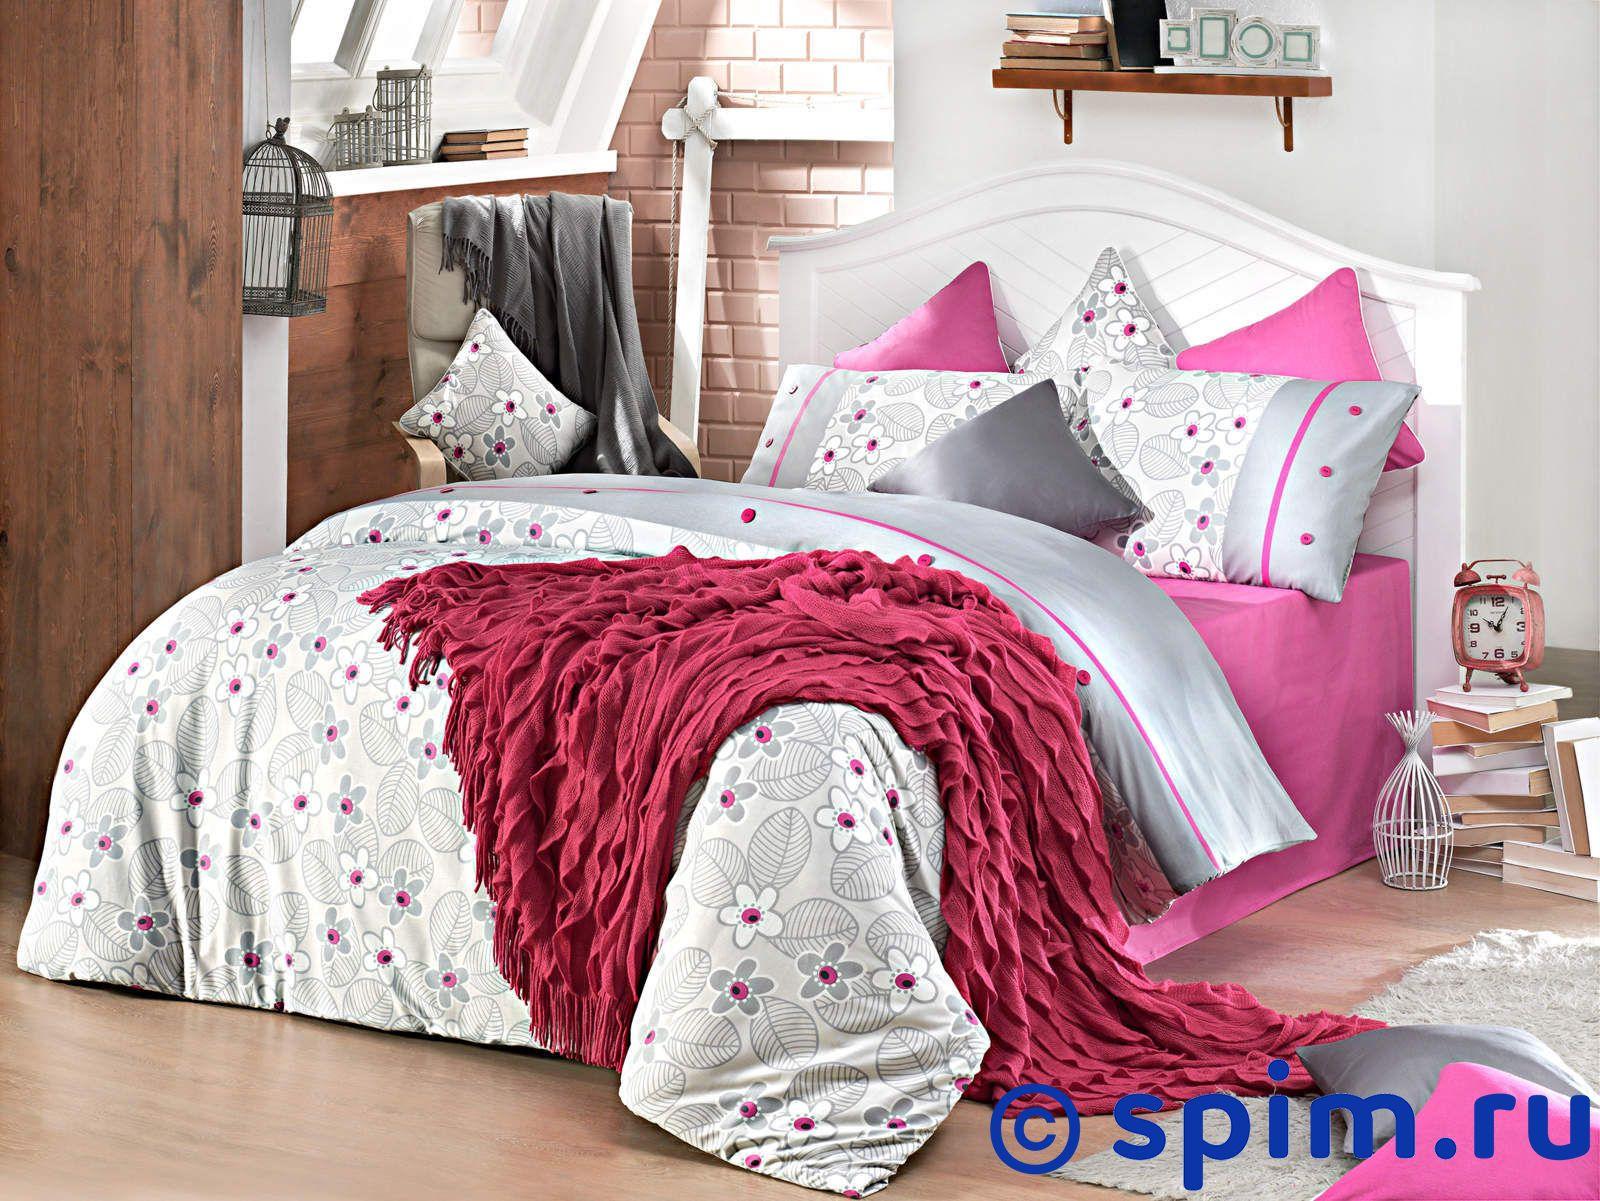 Постельное белье Issimo Betsey 1.5 спальное